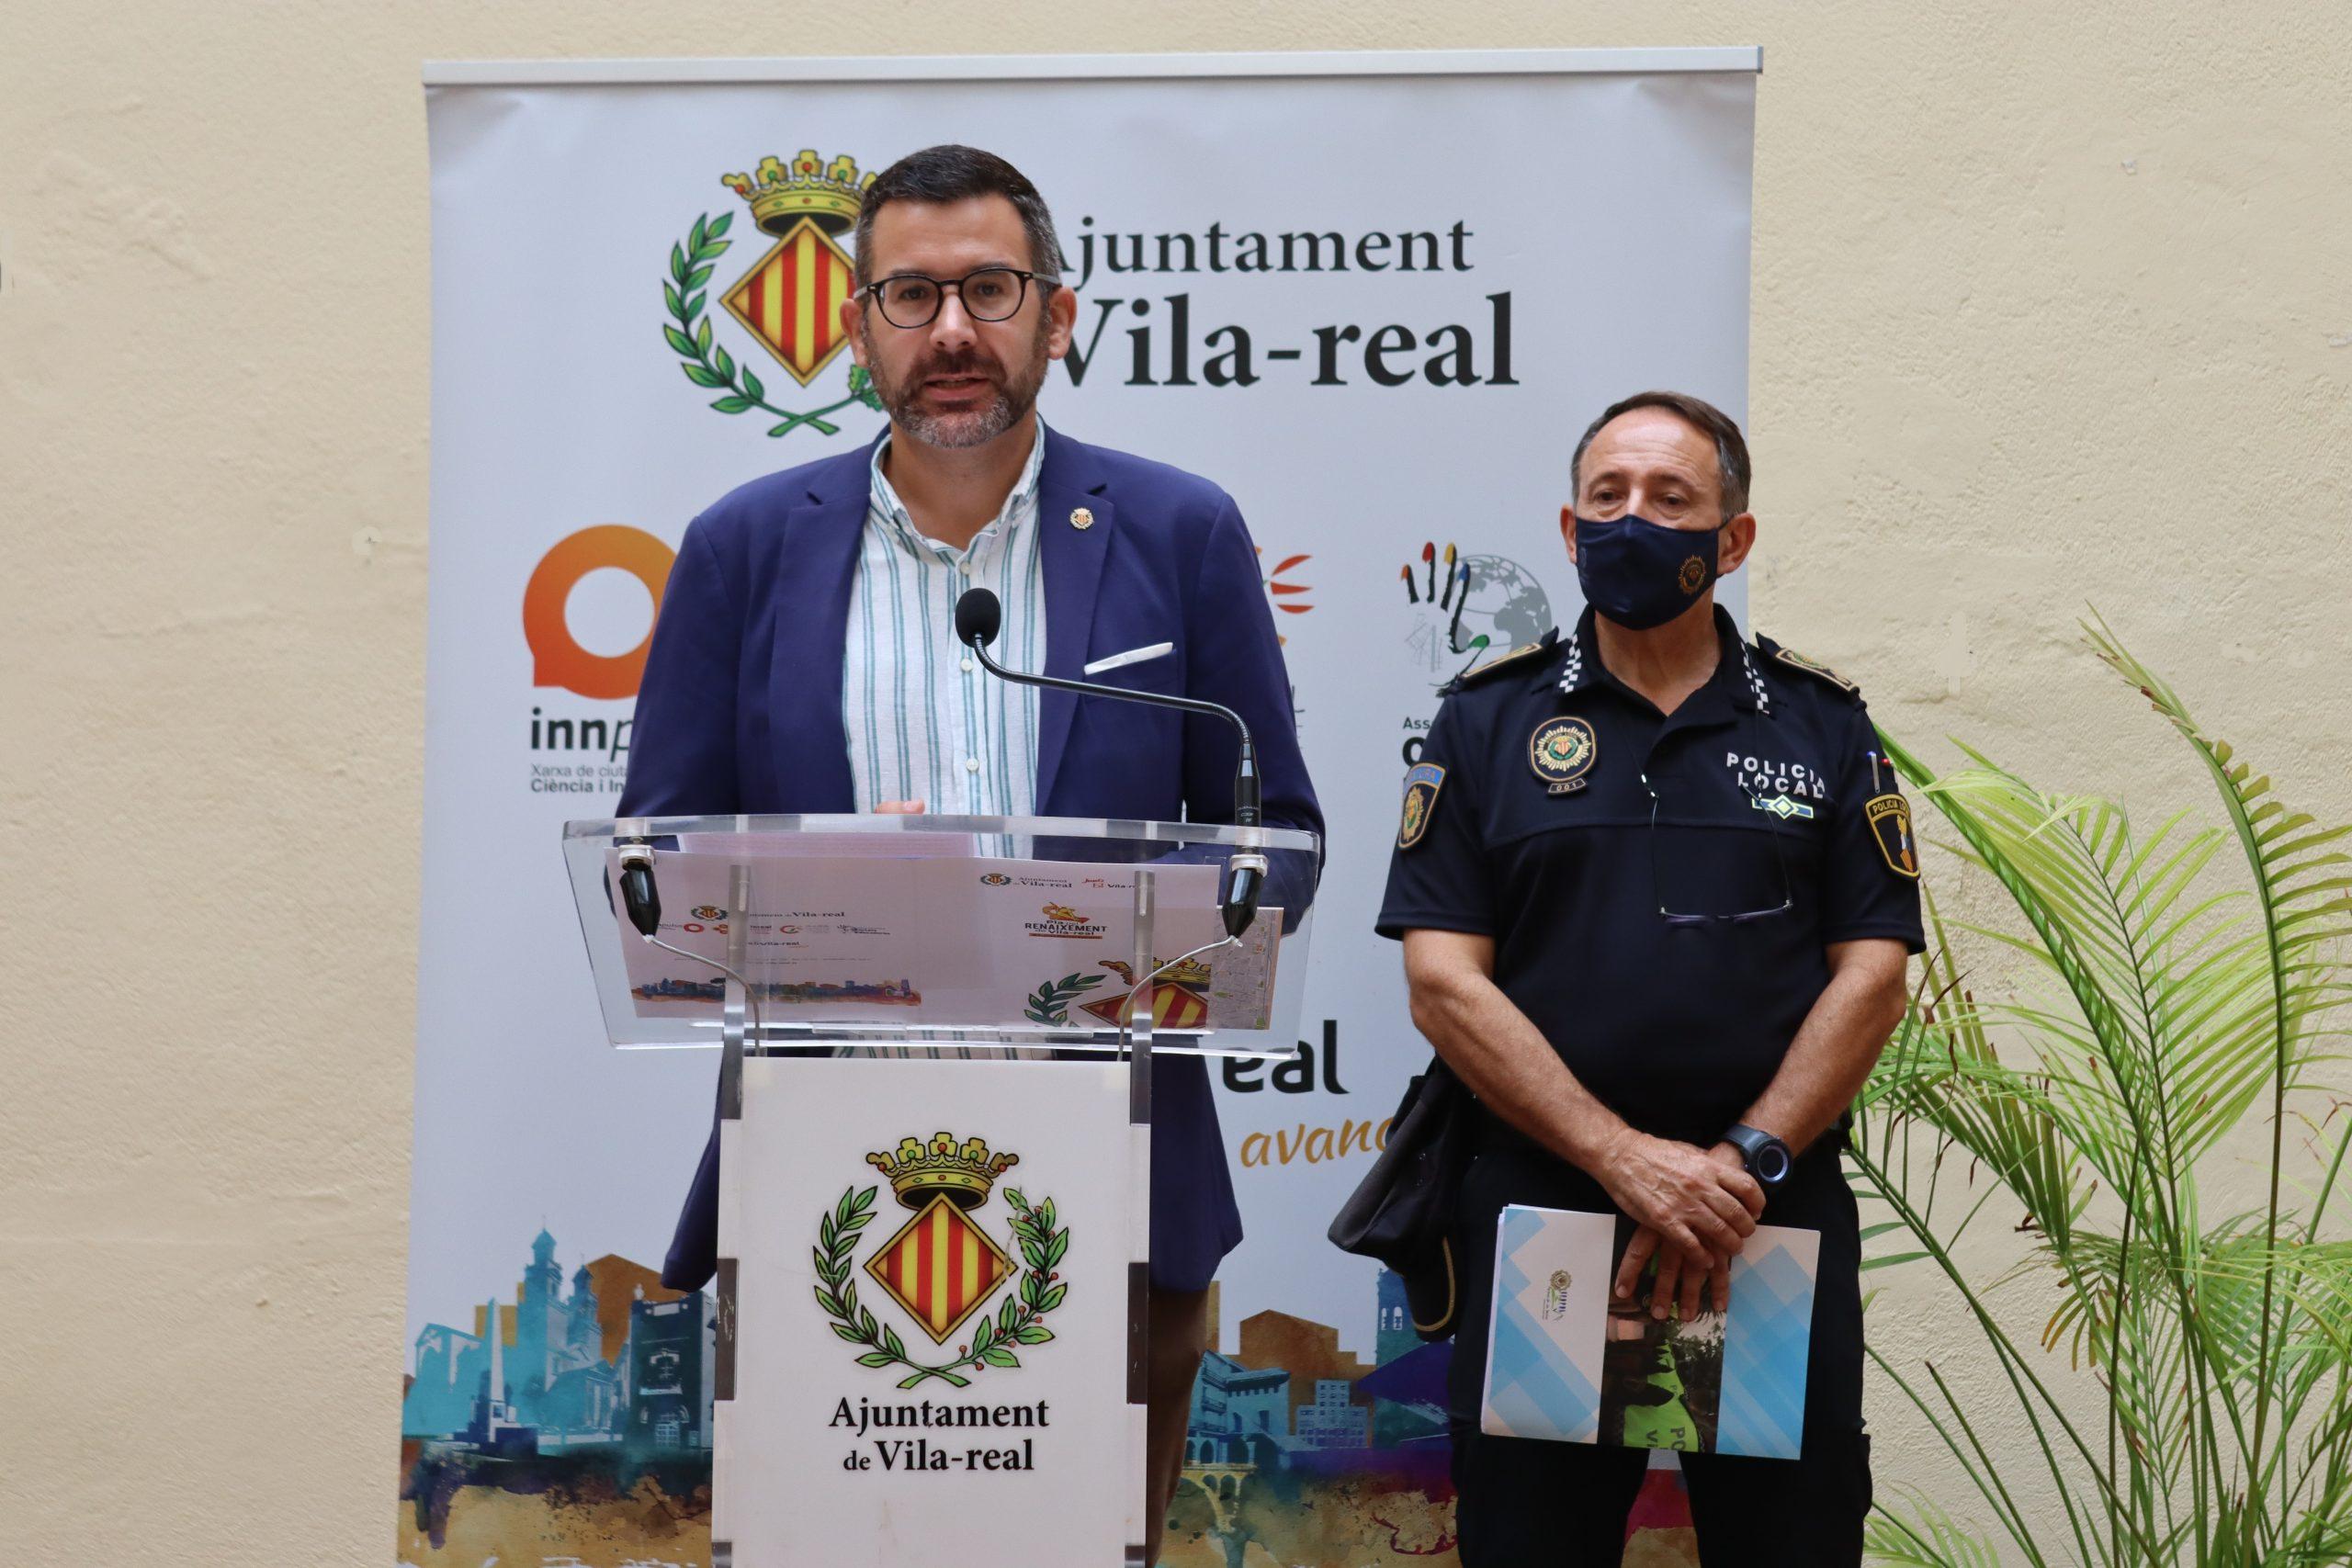 Entrevista al concejal de Comercio de Vila-real, Diego Vila